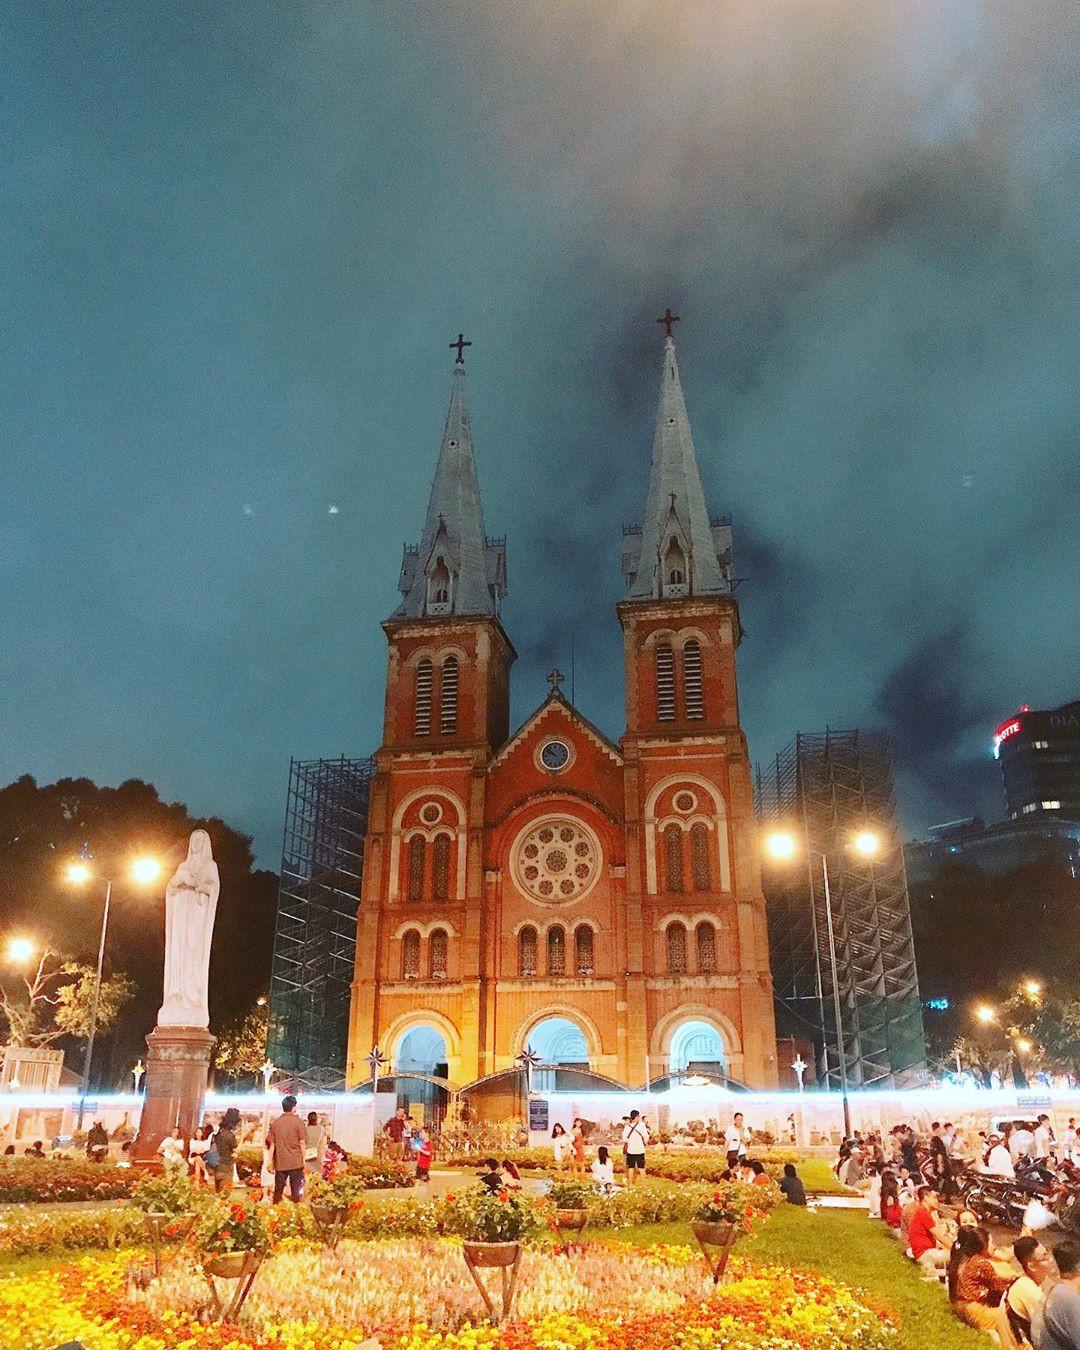 Địa điểm vui chơi Sài Gòn buổi tối - Ảnh 20.